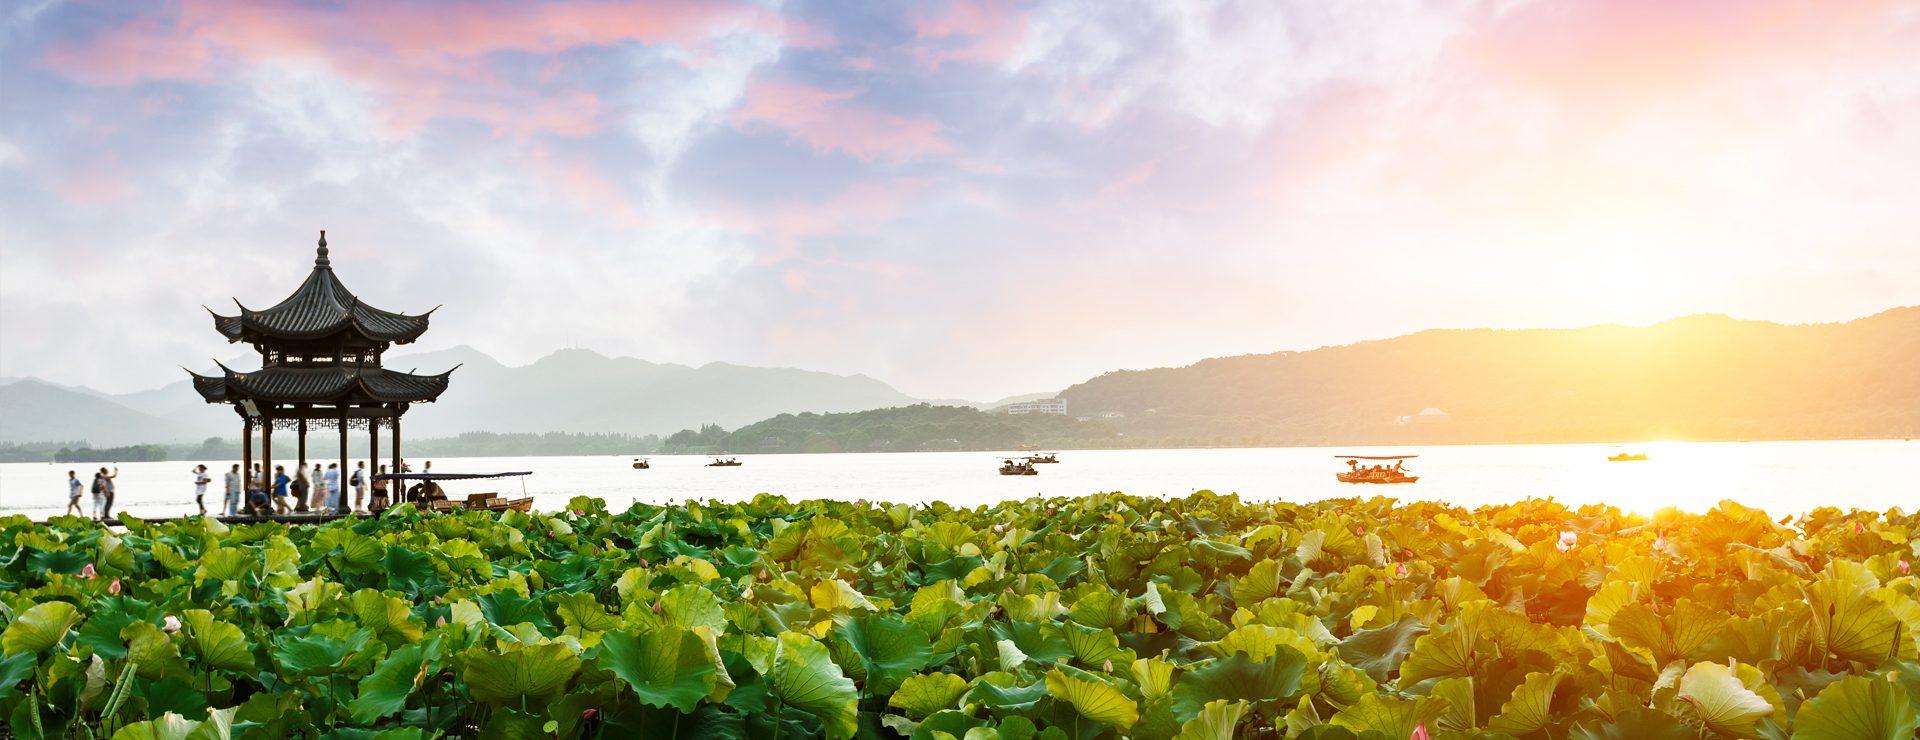 Västra sjön (Hangzhou)